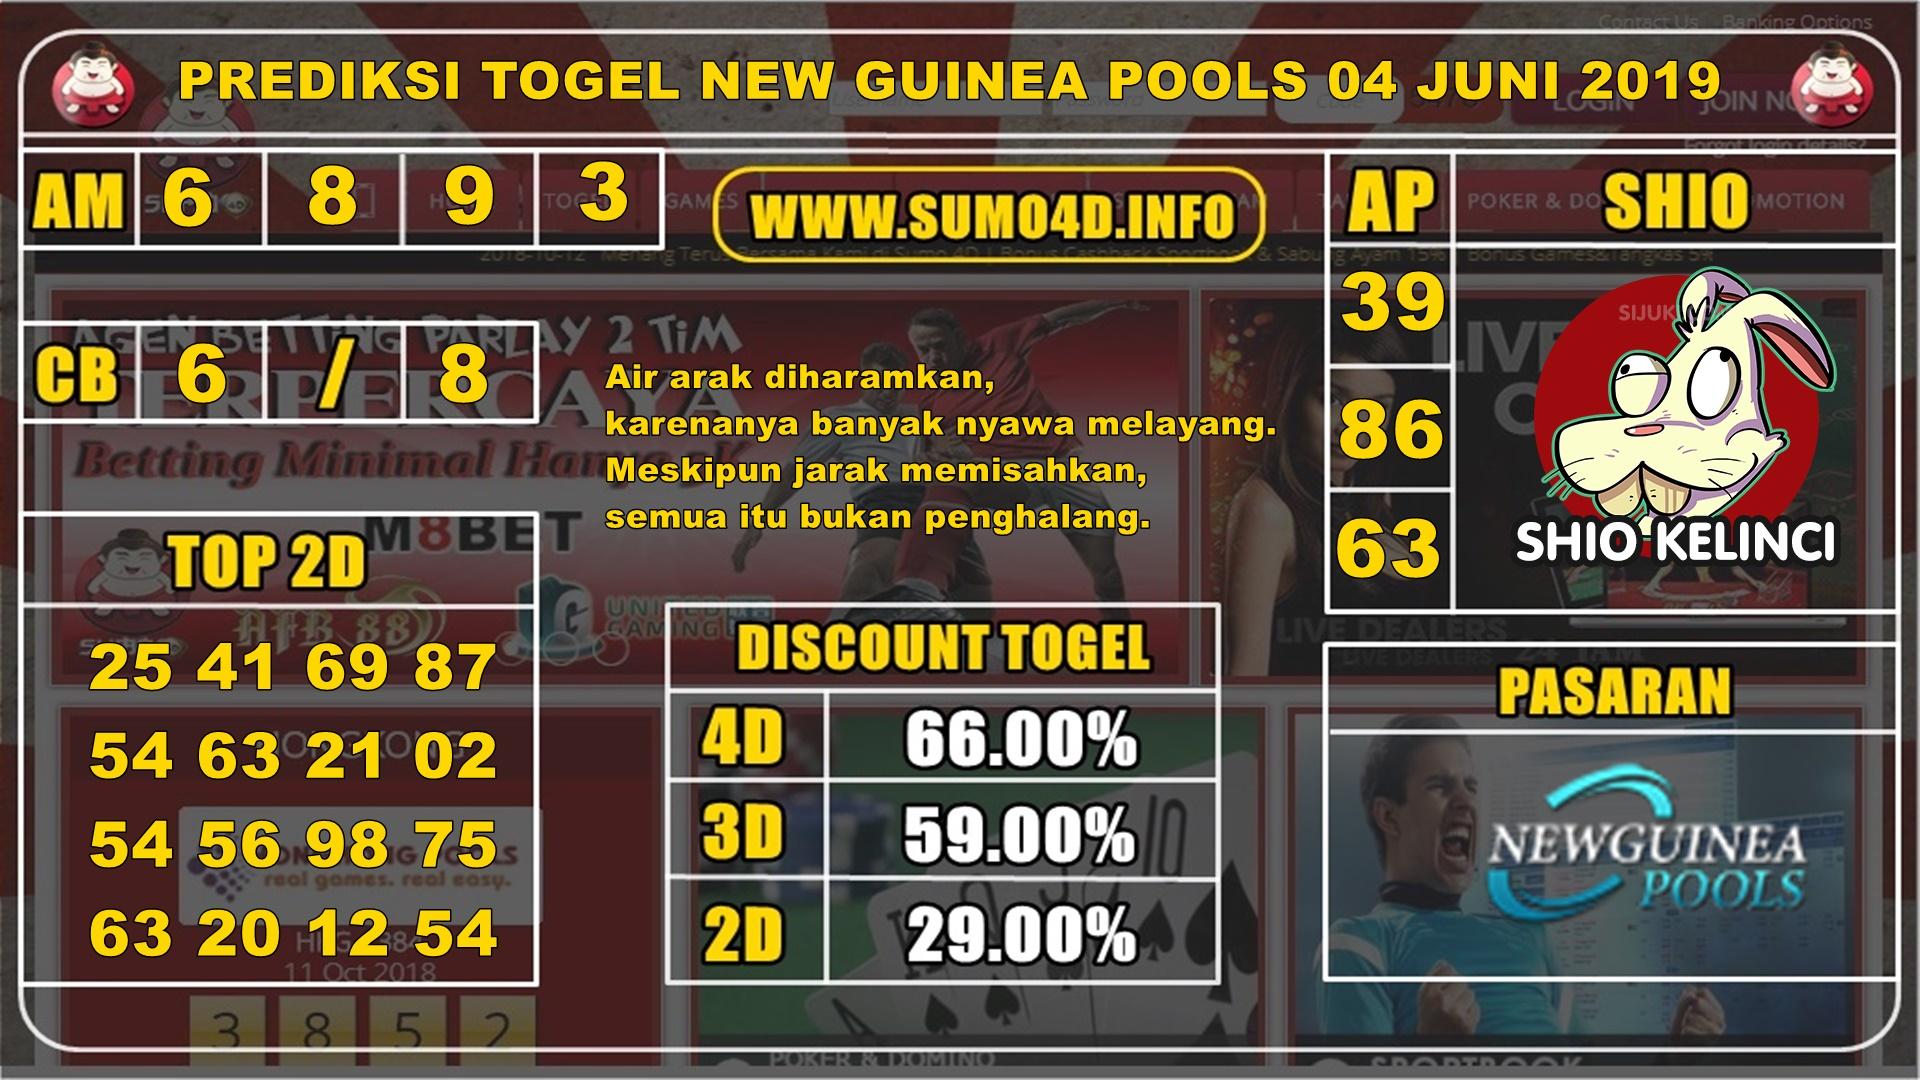 PREDIKSI TERUPDATE TOGEL NEW GUINEA POOLS 04 JUNI 2019